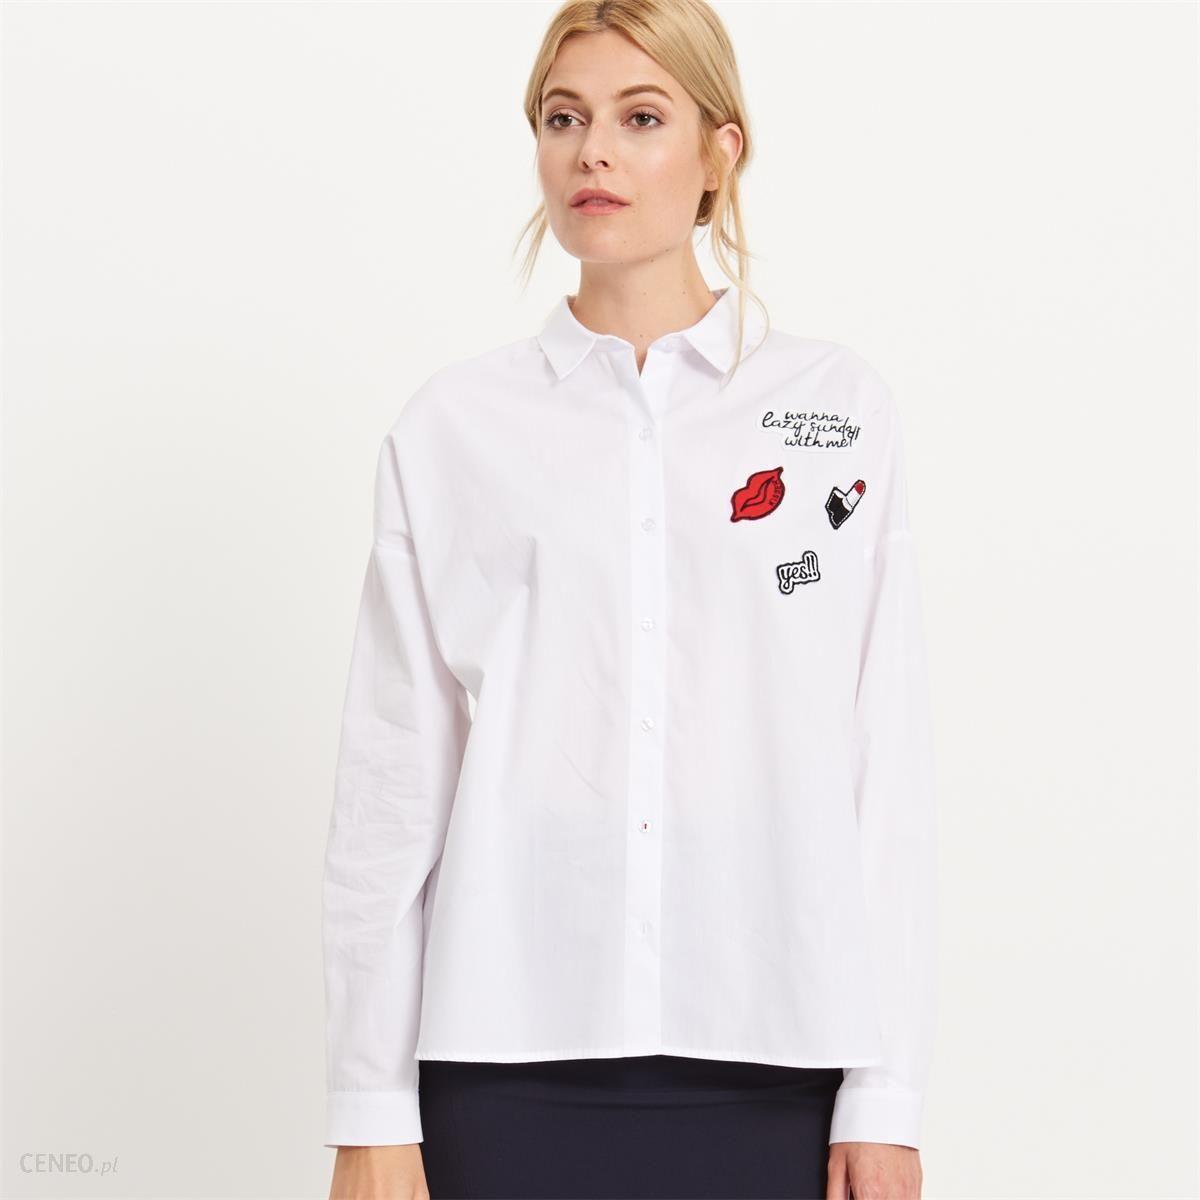 1d8872bc74aec3 Reserved - Koszula z naszywkami - Biały - damska - Ceny i opinie ...